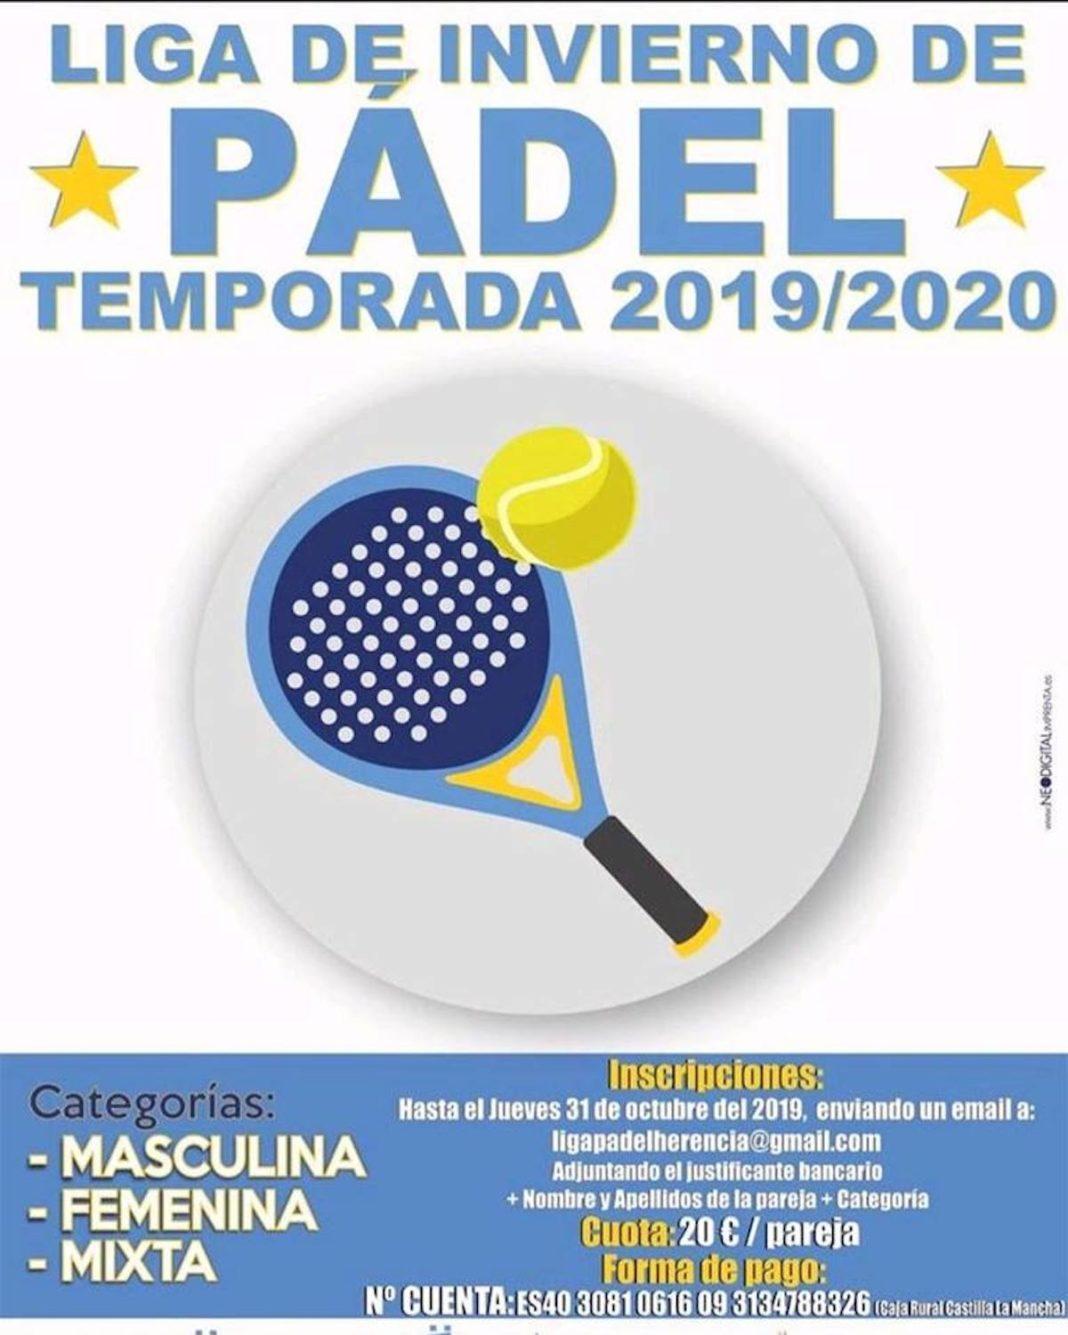 liga invierto padel 2019 2020 1068x1335 - Próxima Liga de invierno de Pádel para 2019-2020